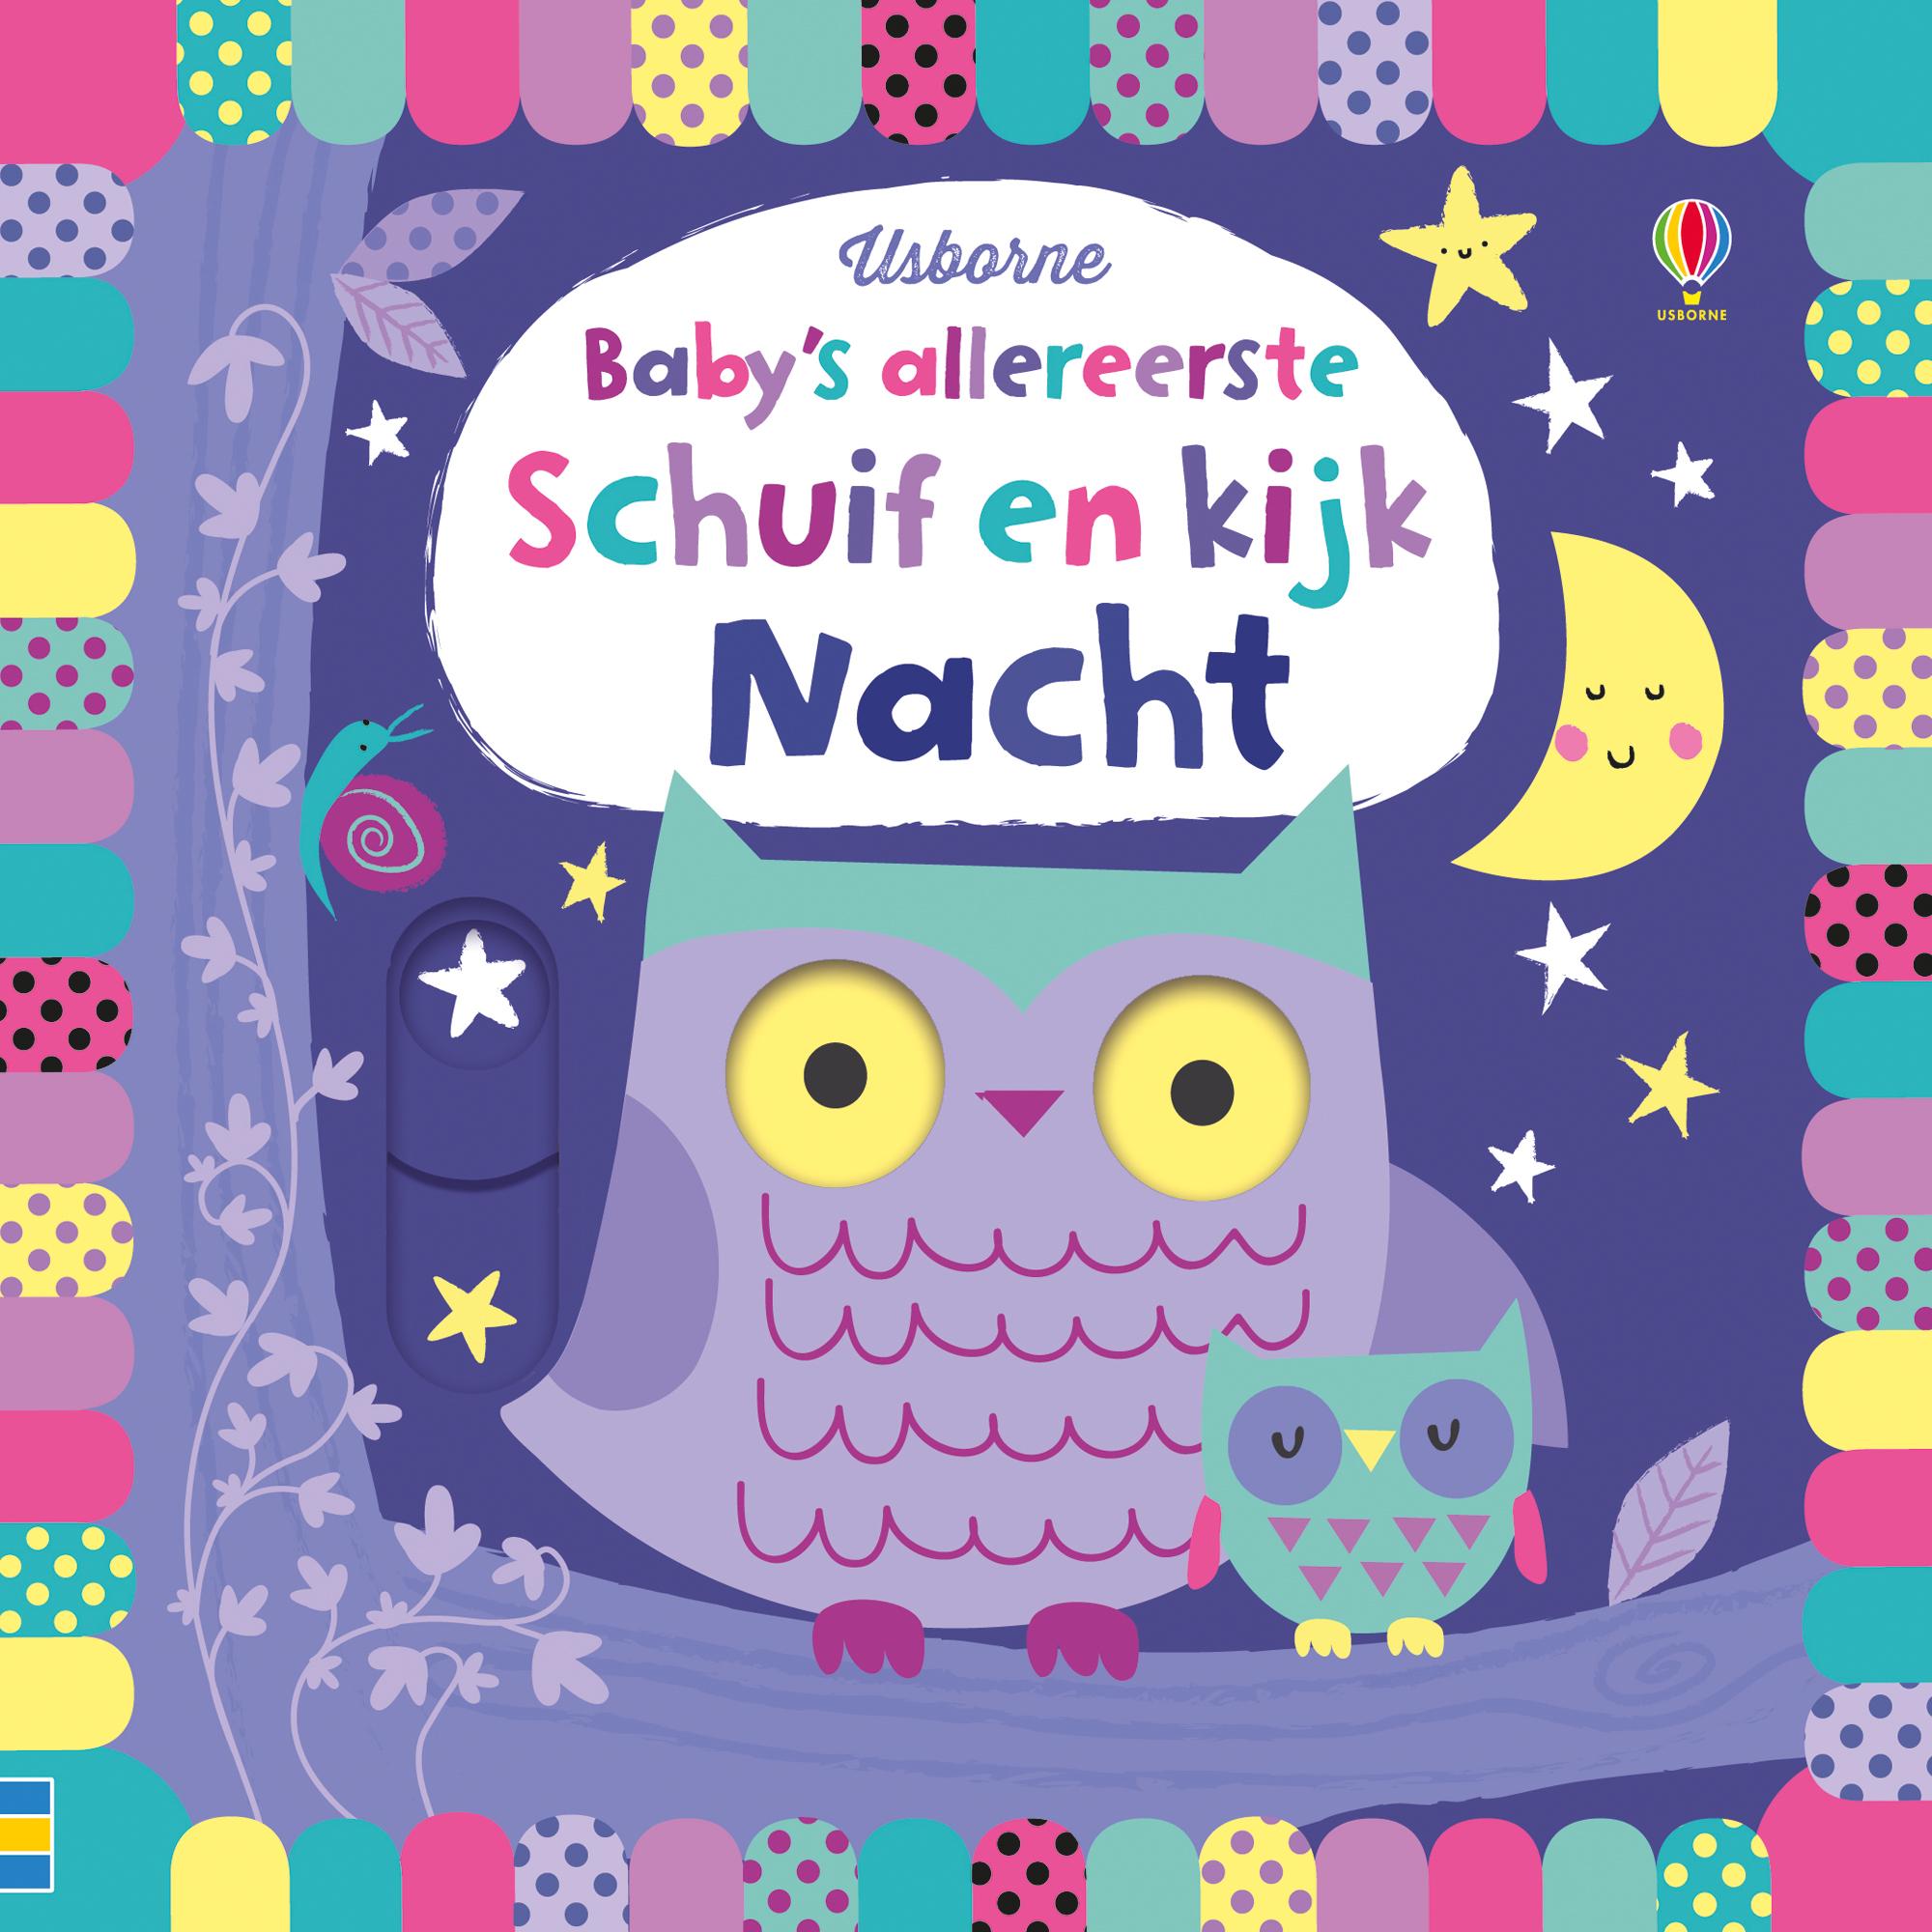 Baby's allereerste schuif en kijk – Nacht